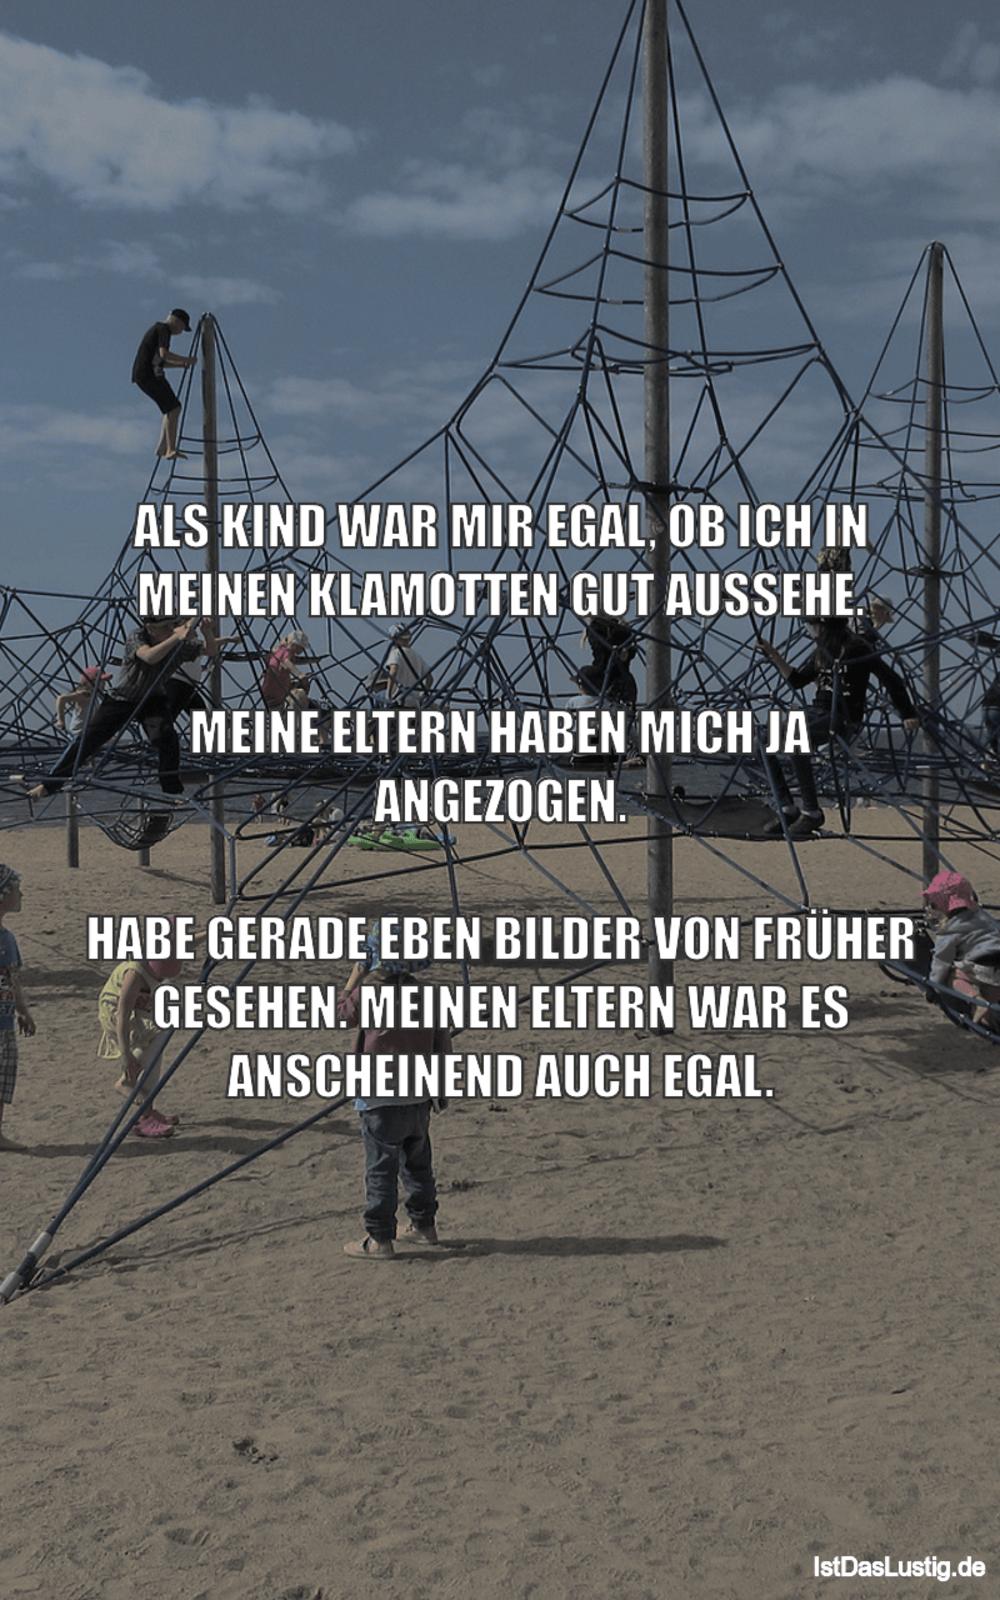 Lustiger BilderSpruch - ALS KIND WAR MIR EGAL, OB ICH IN MEINEN...